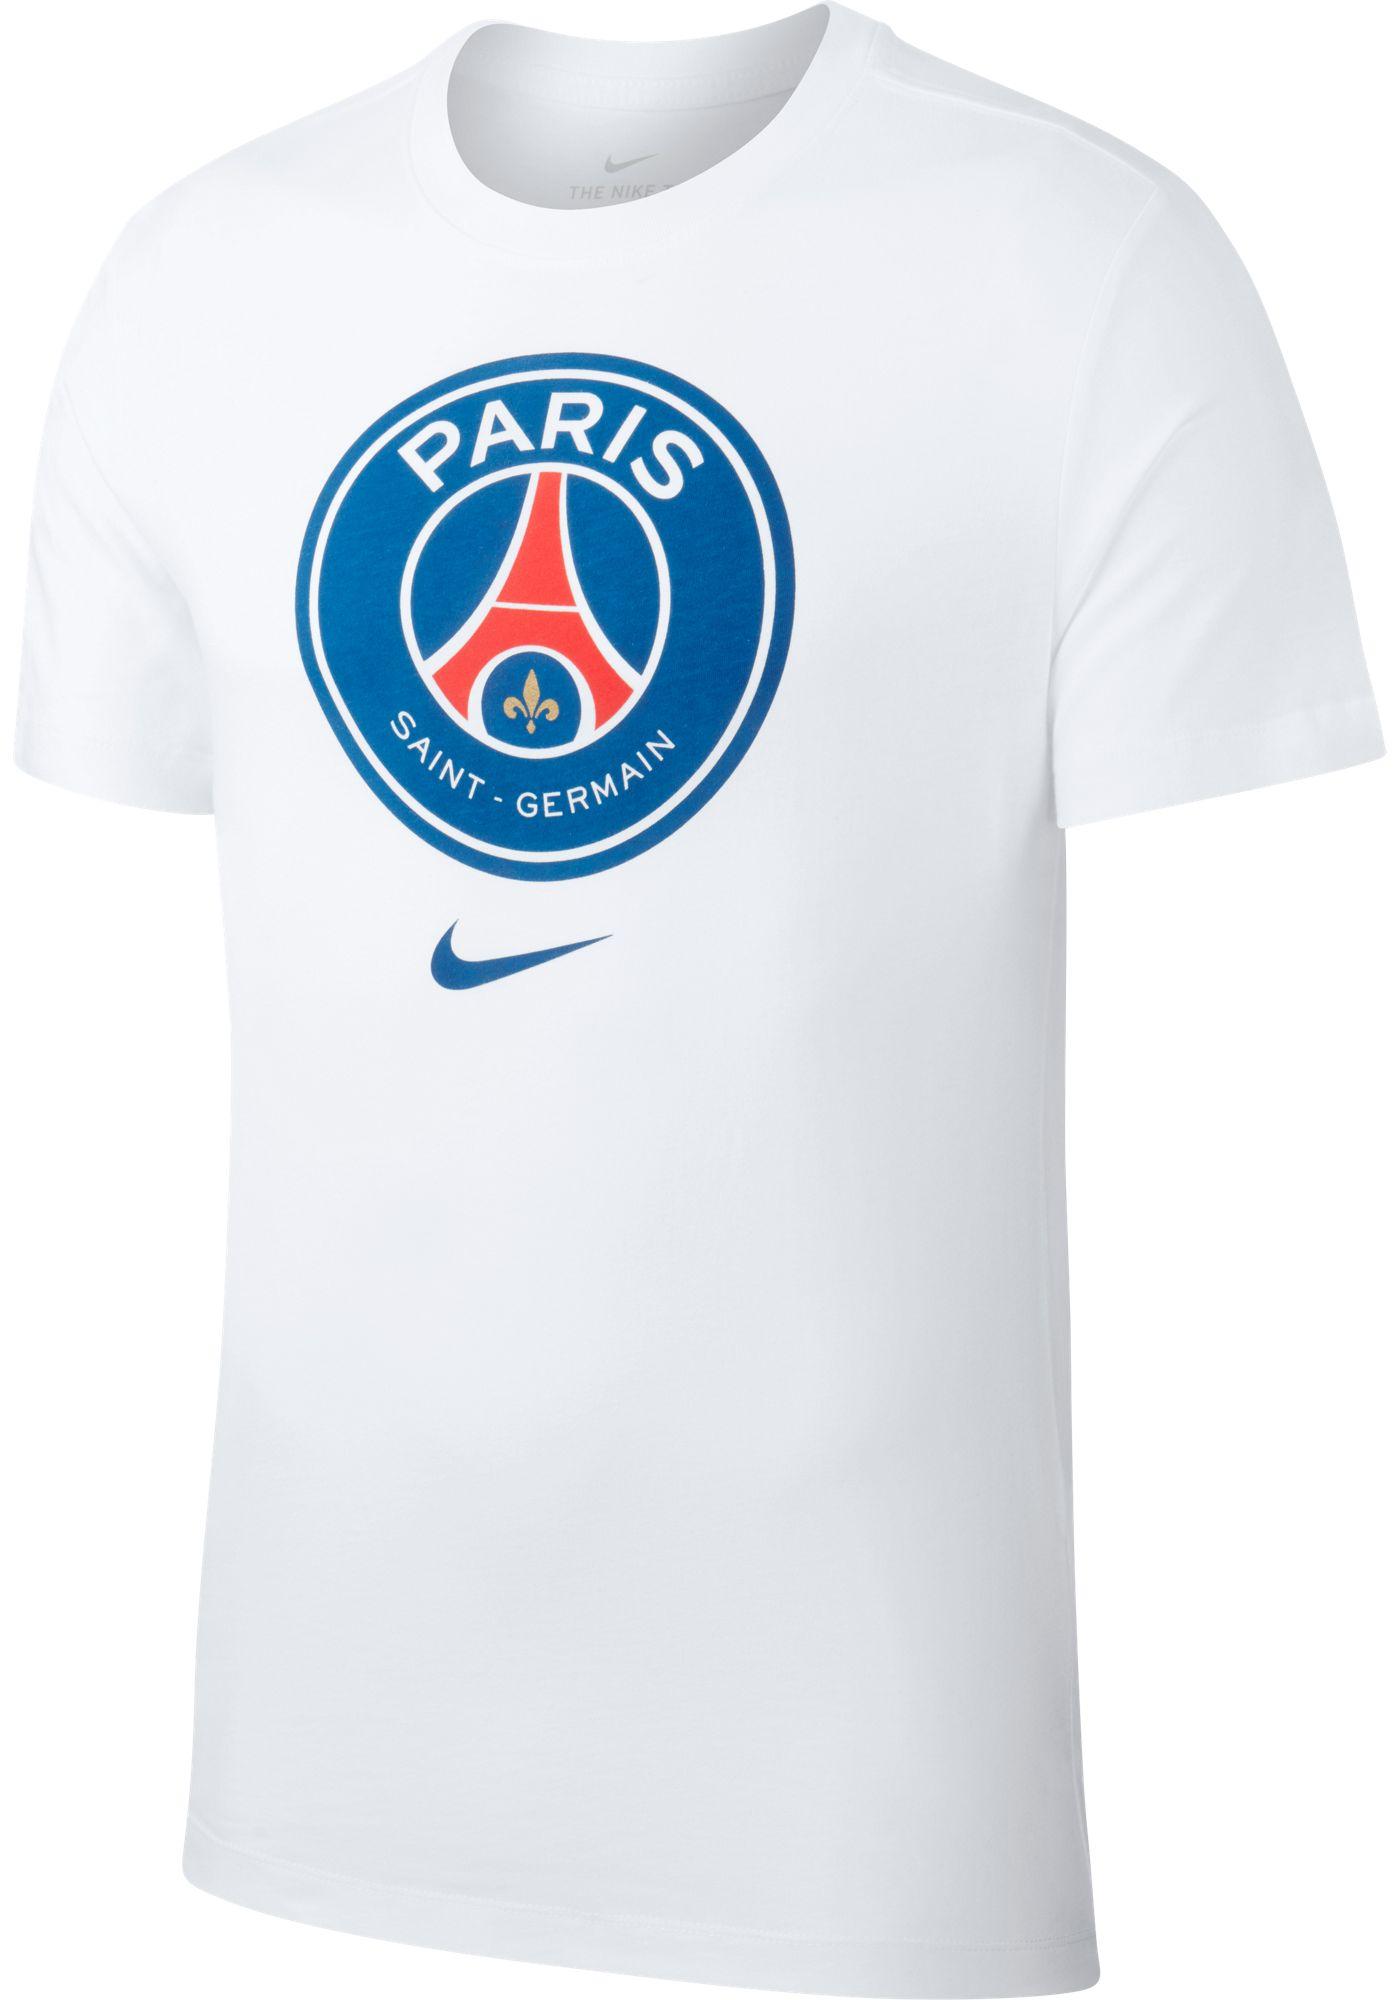 Nike Youth Paris Saint-Germain Crest White T-Shirt